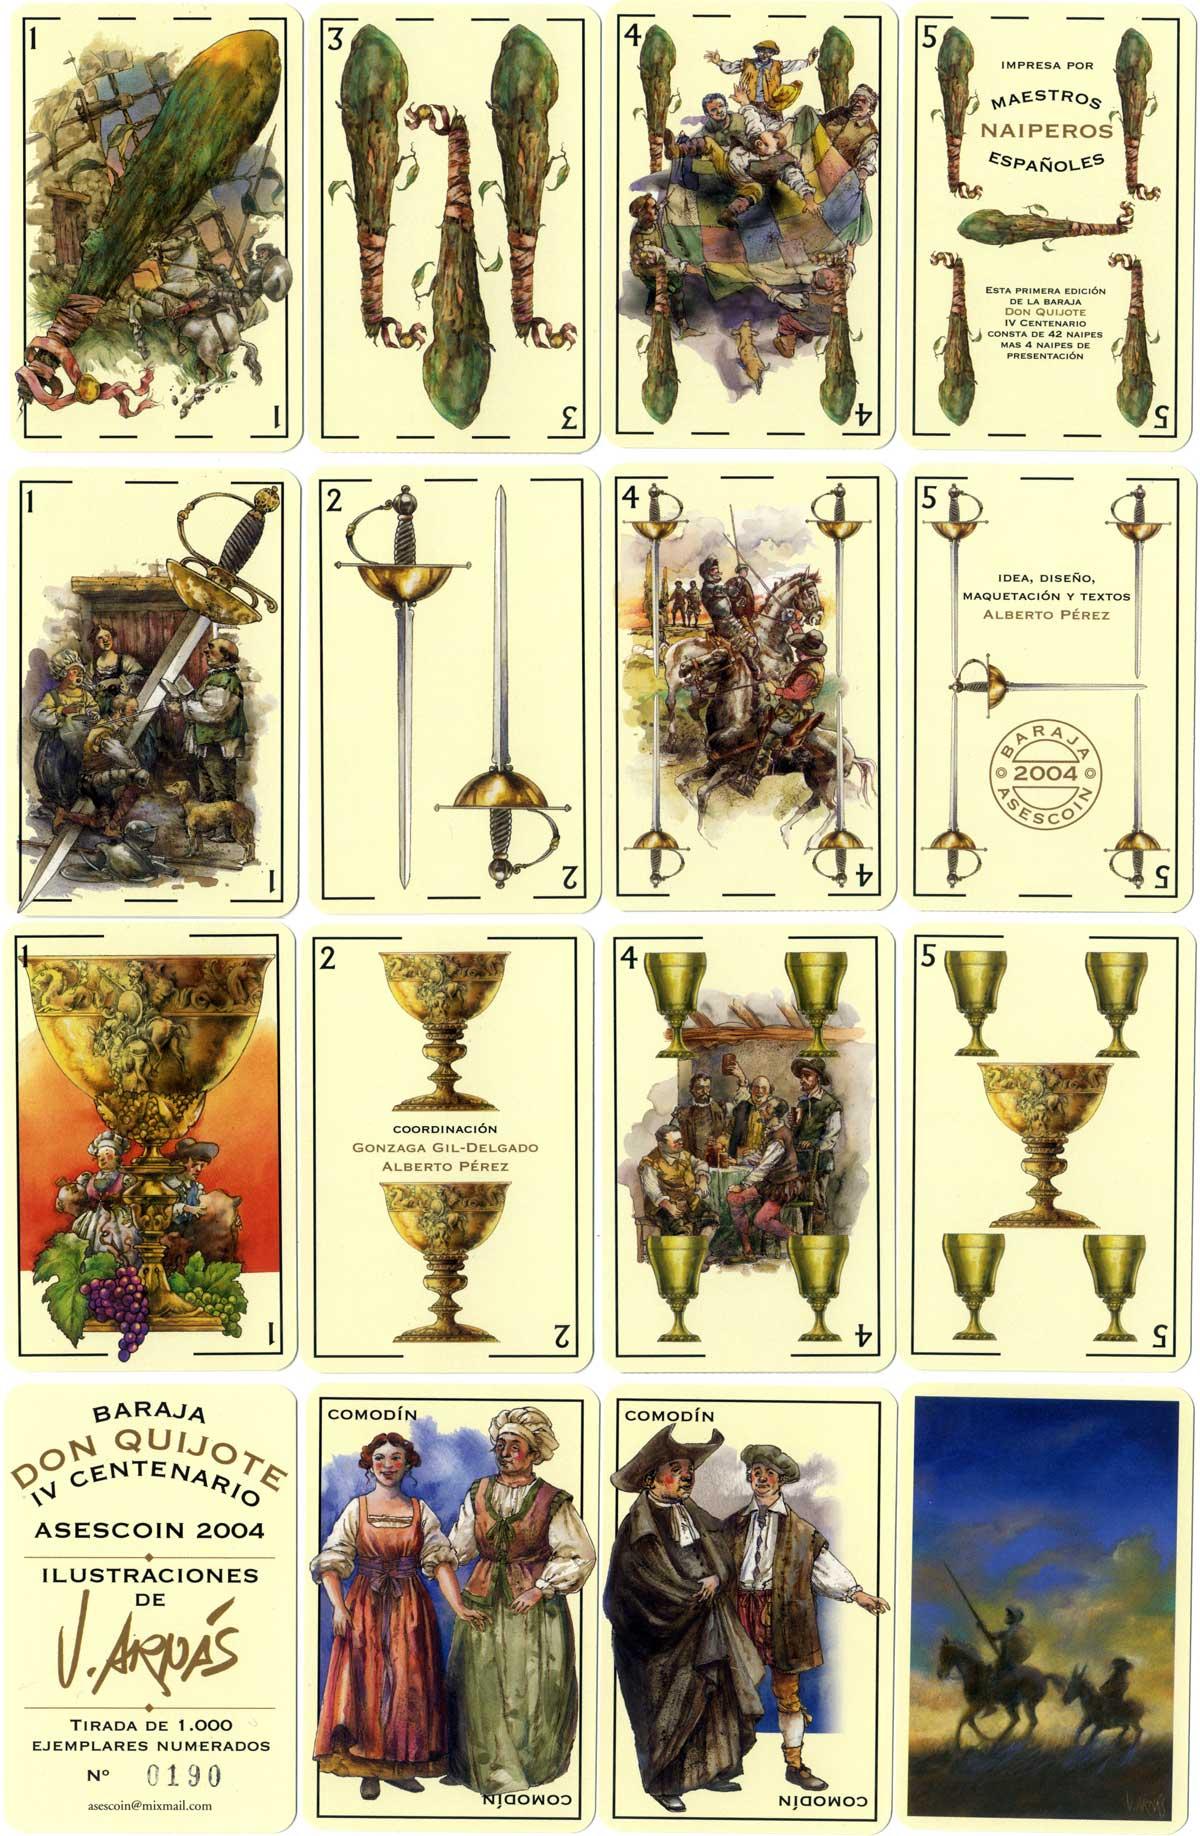 Baraja IV Centenario Don Quijote printed by Maestros Naiperos Españoles for ASESCOIN, 2004